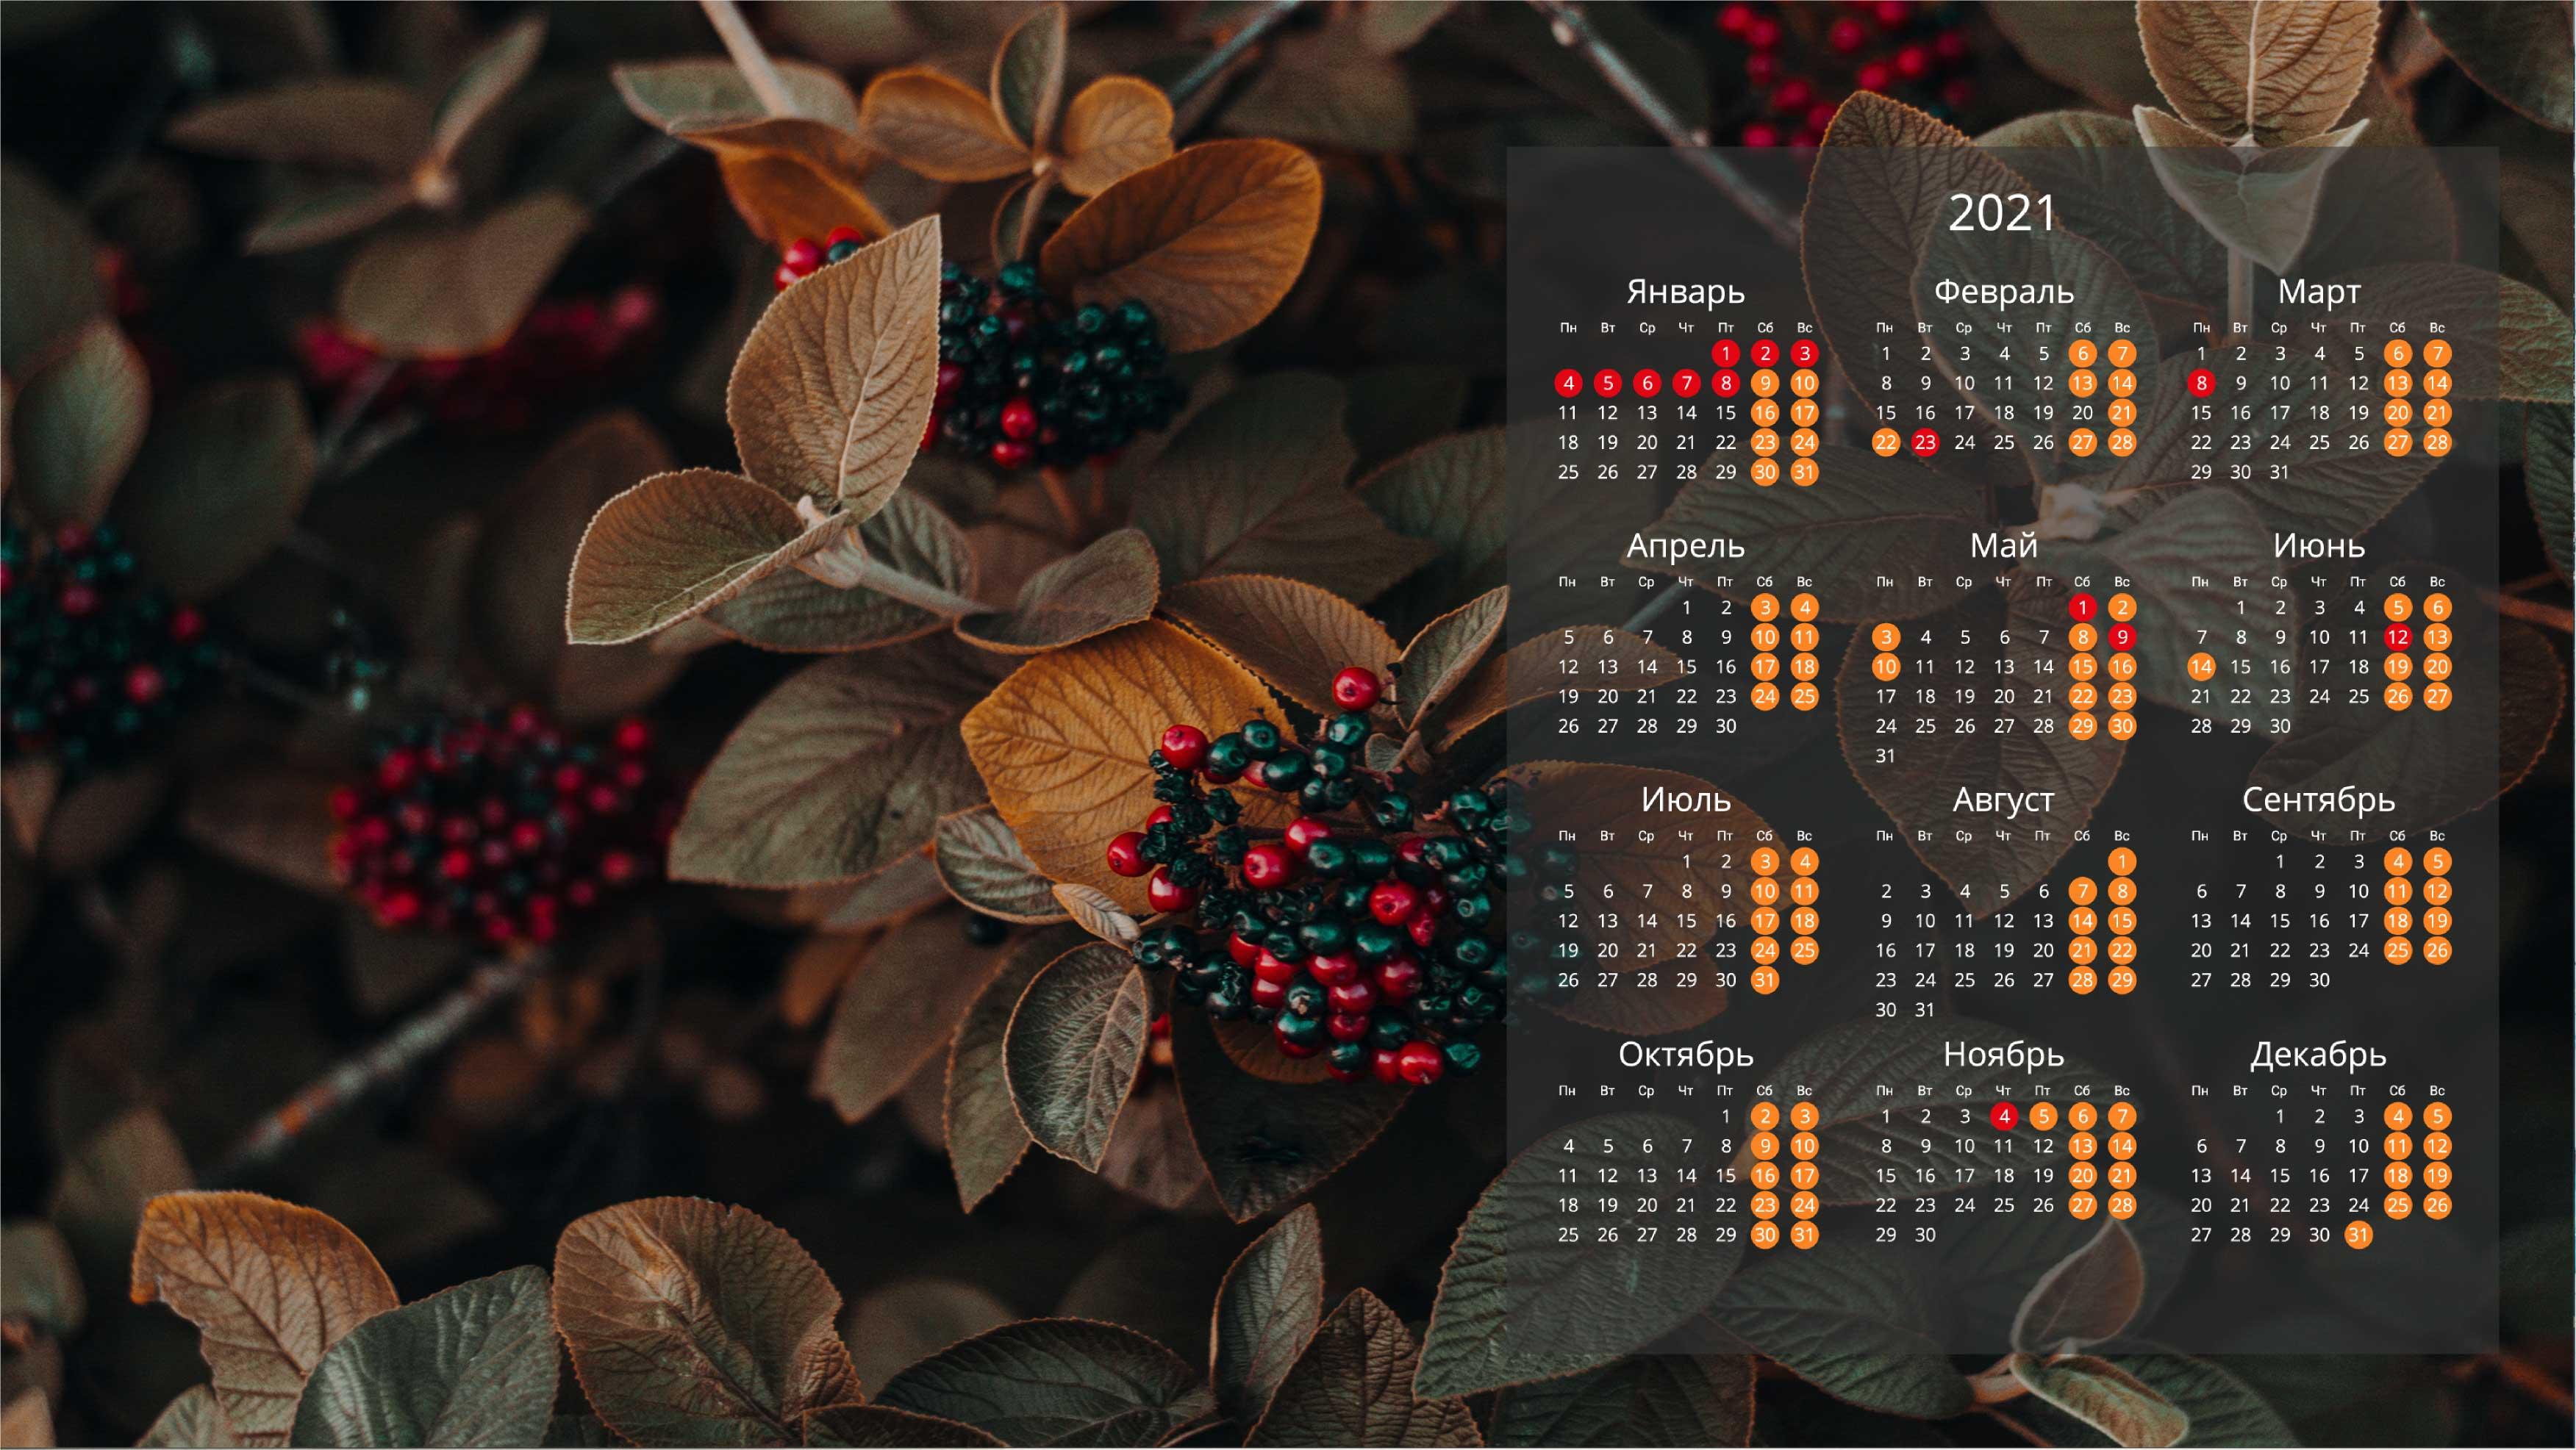 Обои на рабочий стол с календарем 2021 года (4)